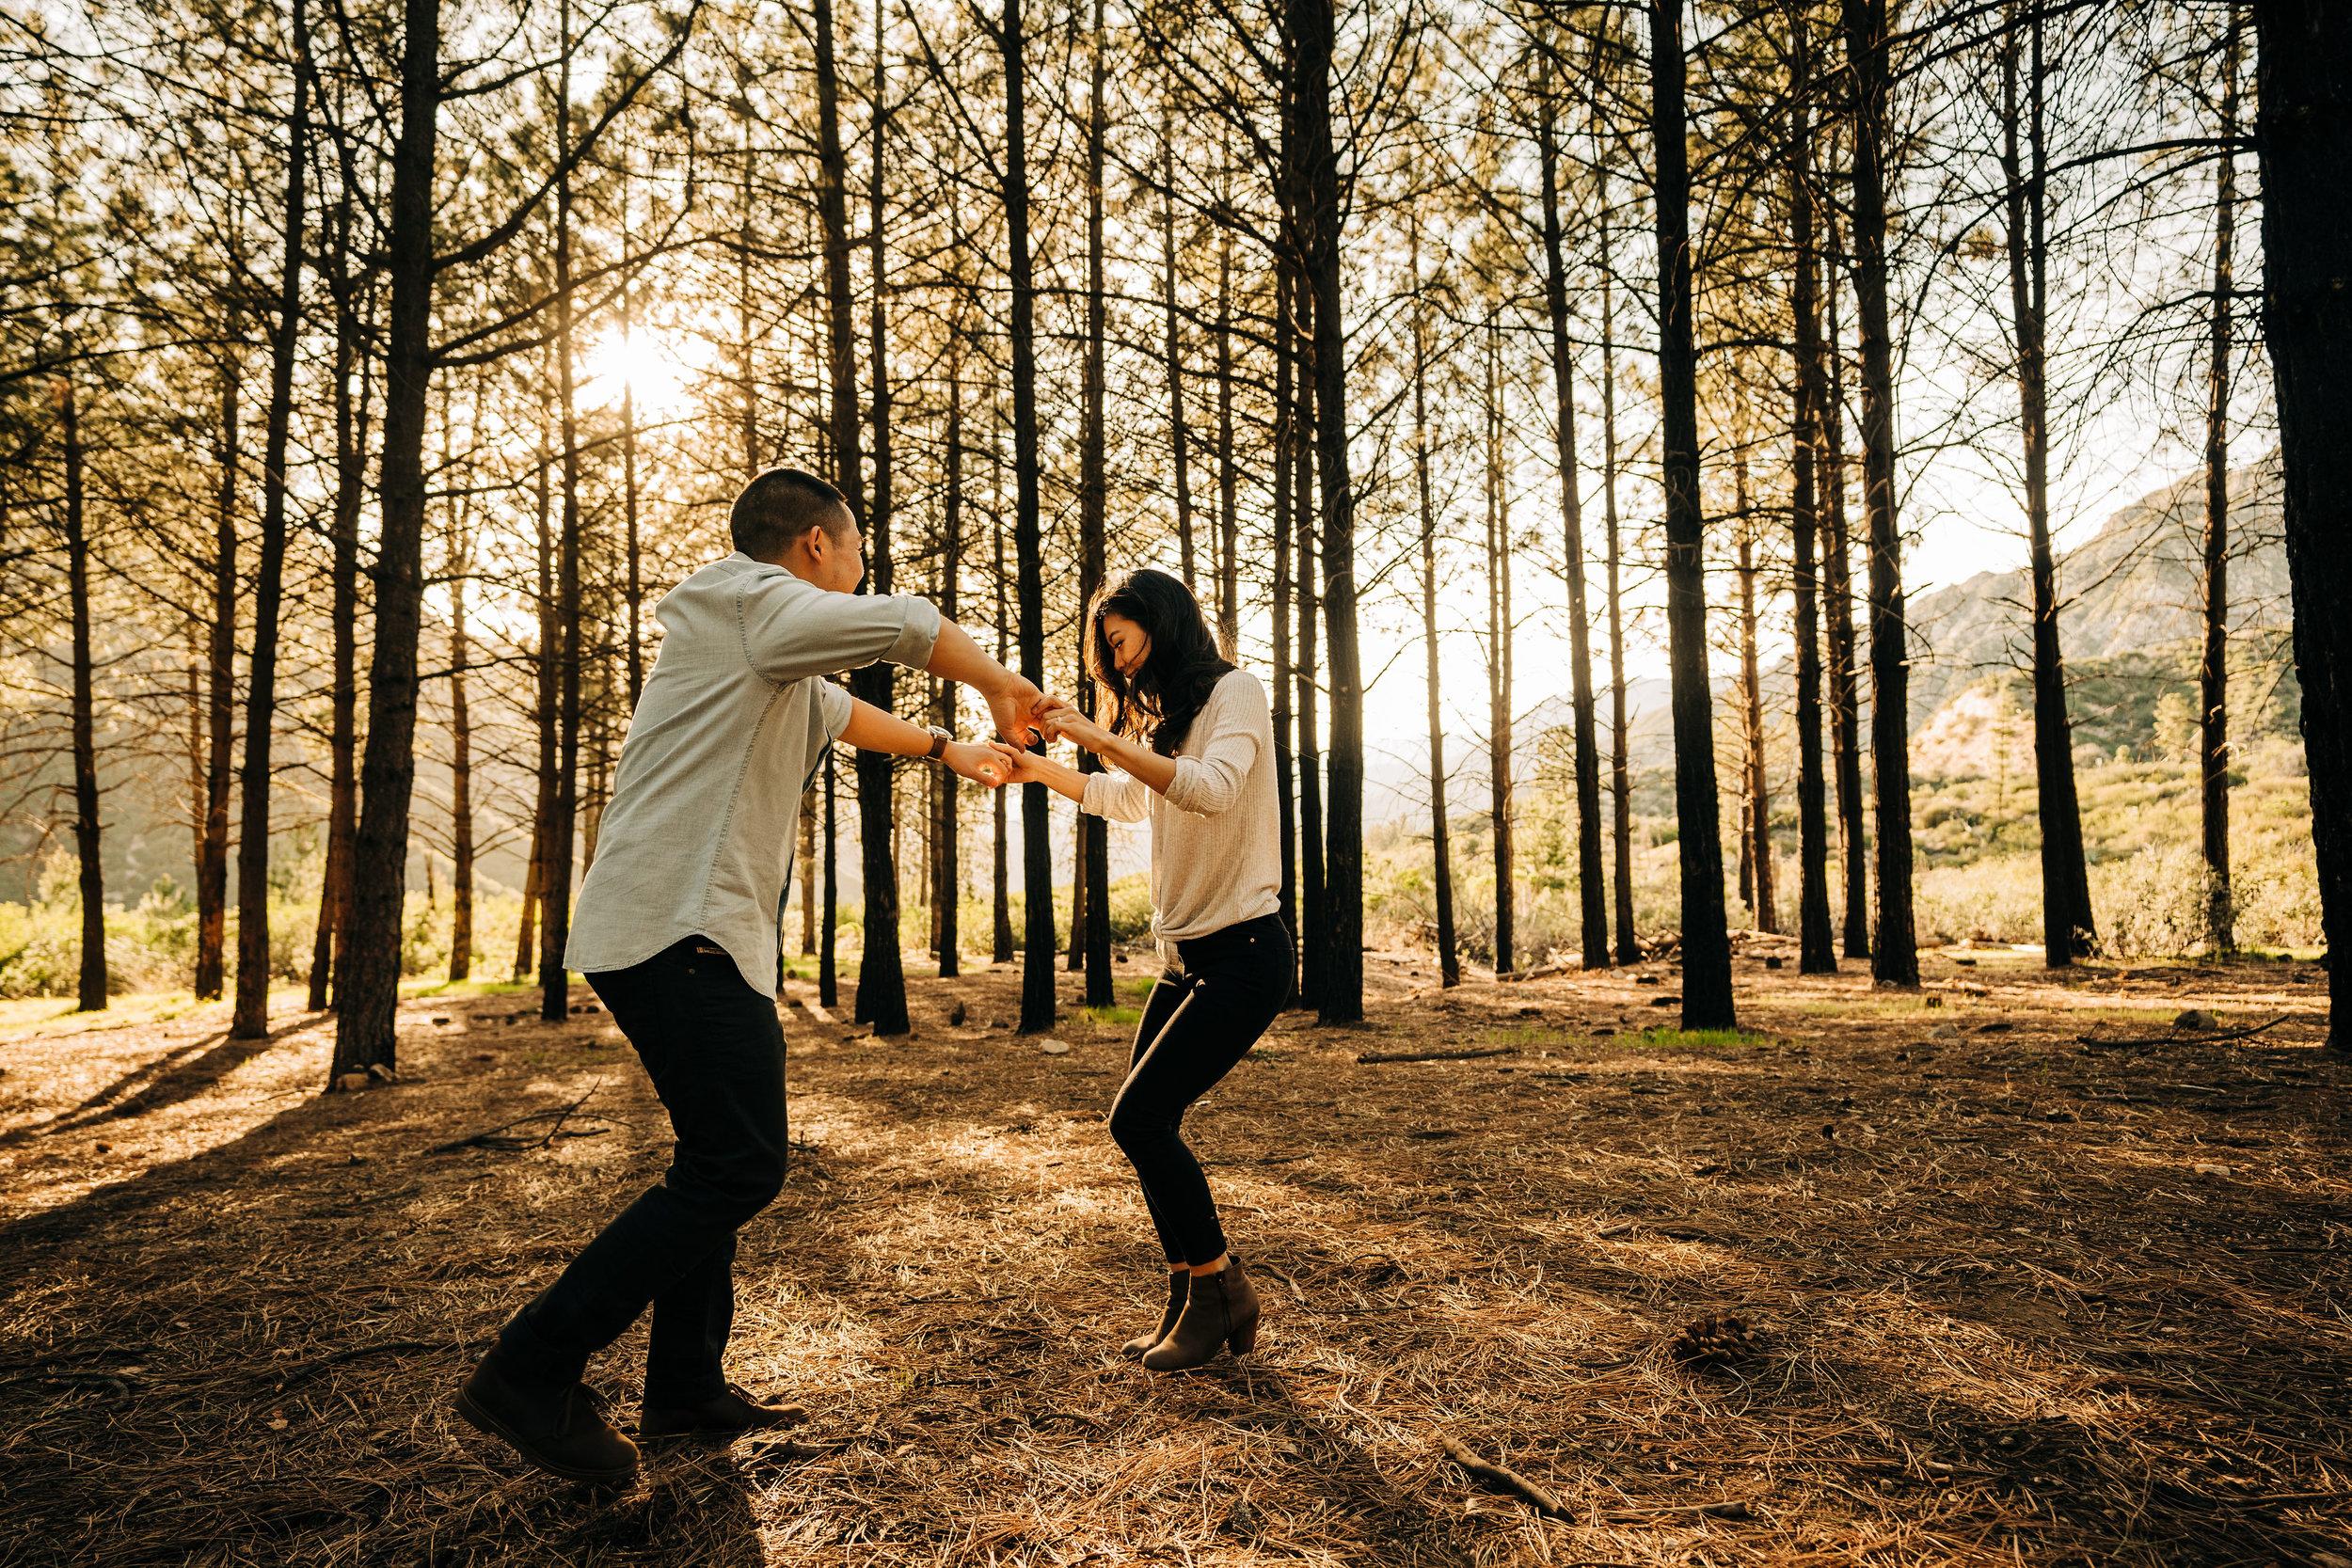 la-forest-engagement-photos-049.jpg